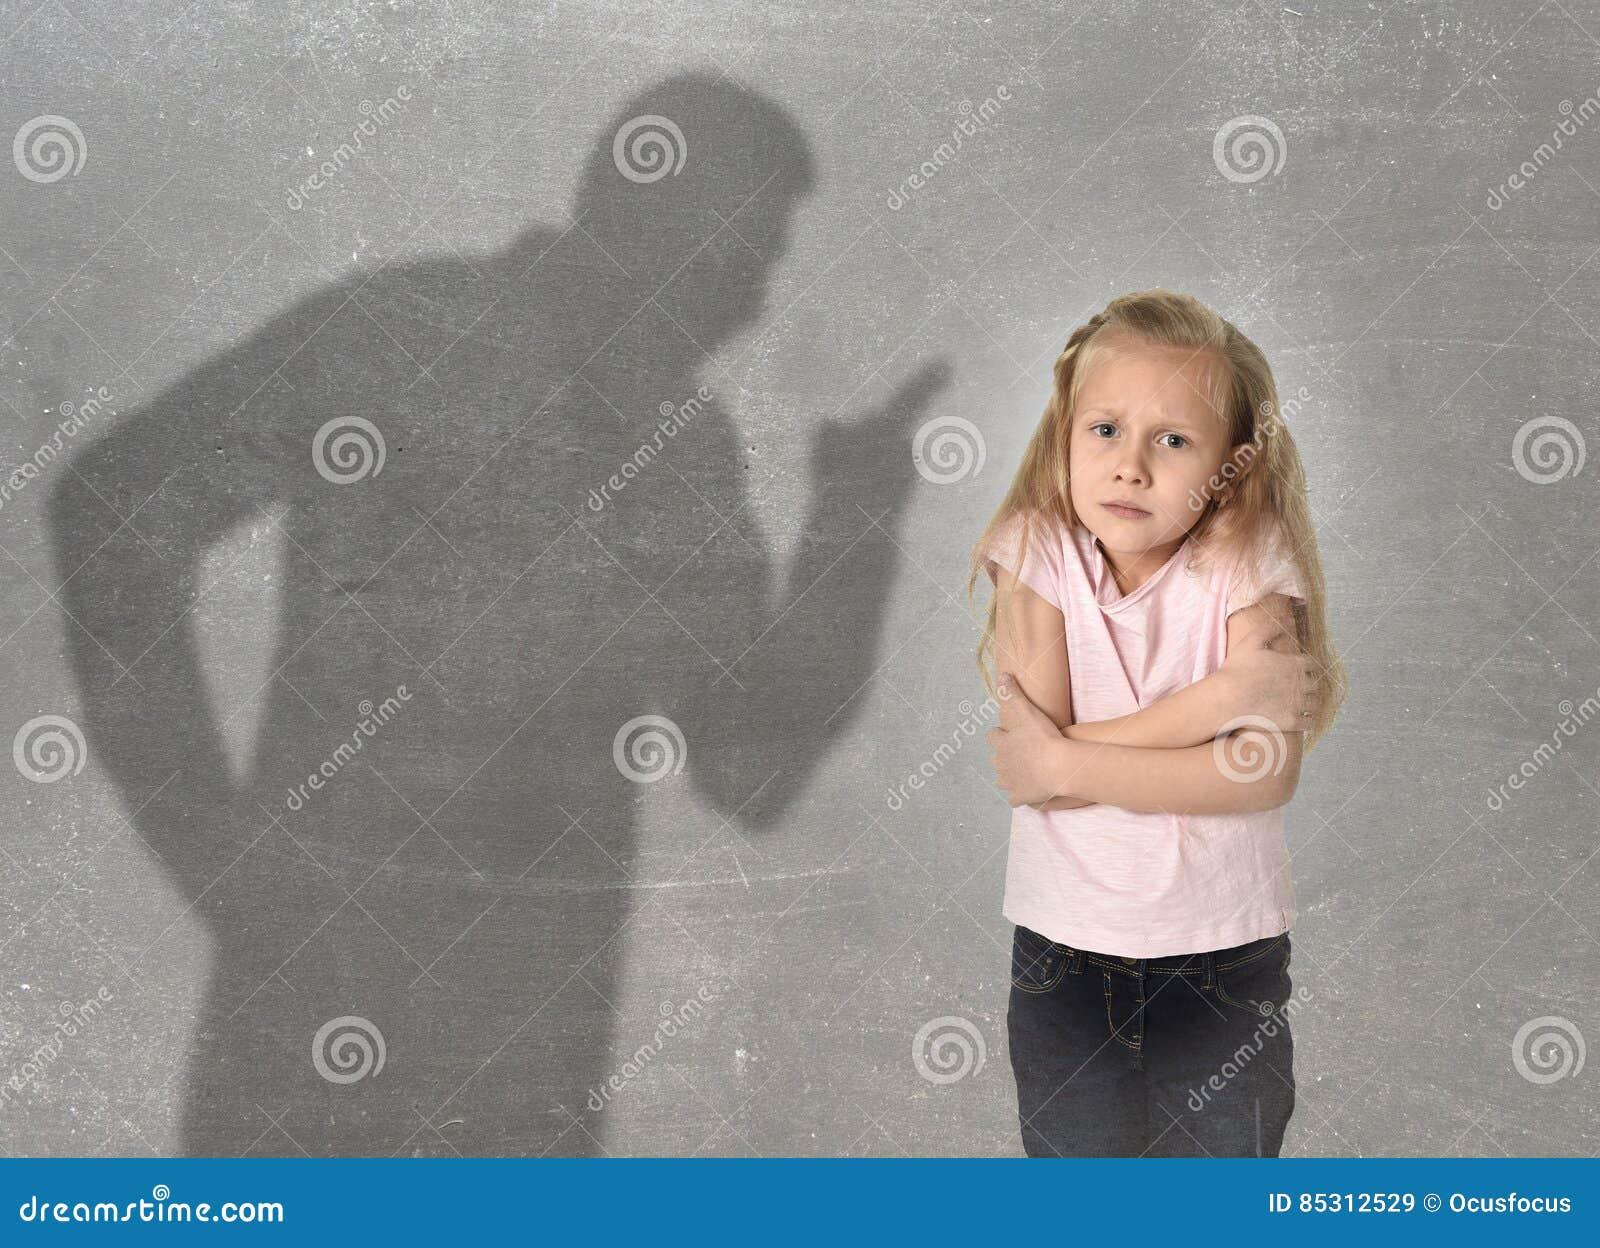 Schreiendes verärgertes tadelndes junges süßes kleines Schulmädchen oder Tochter des Vater- oder Lehrerschattens